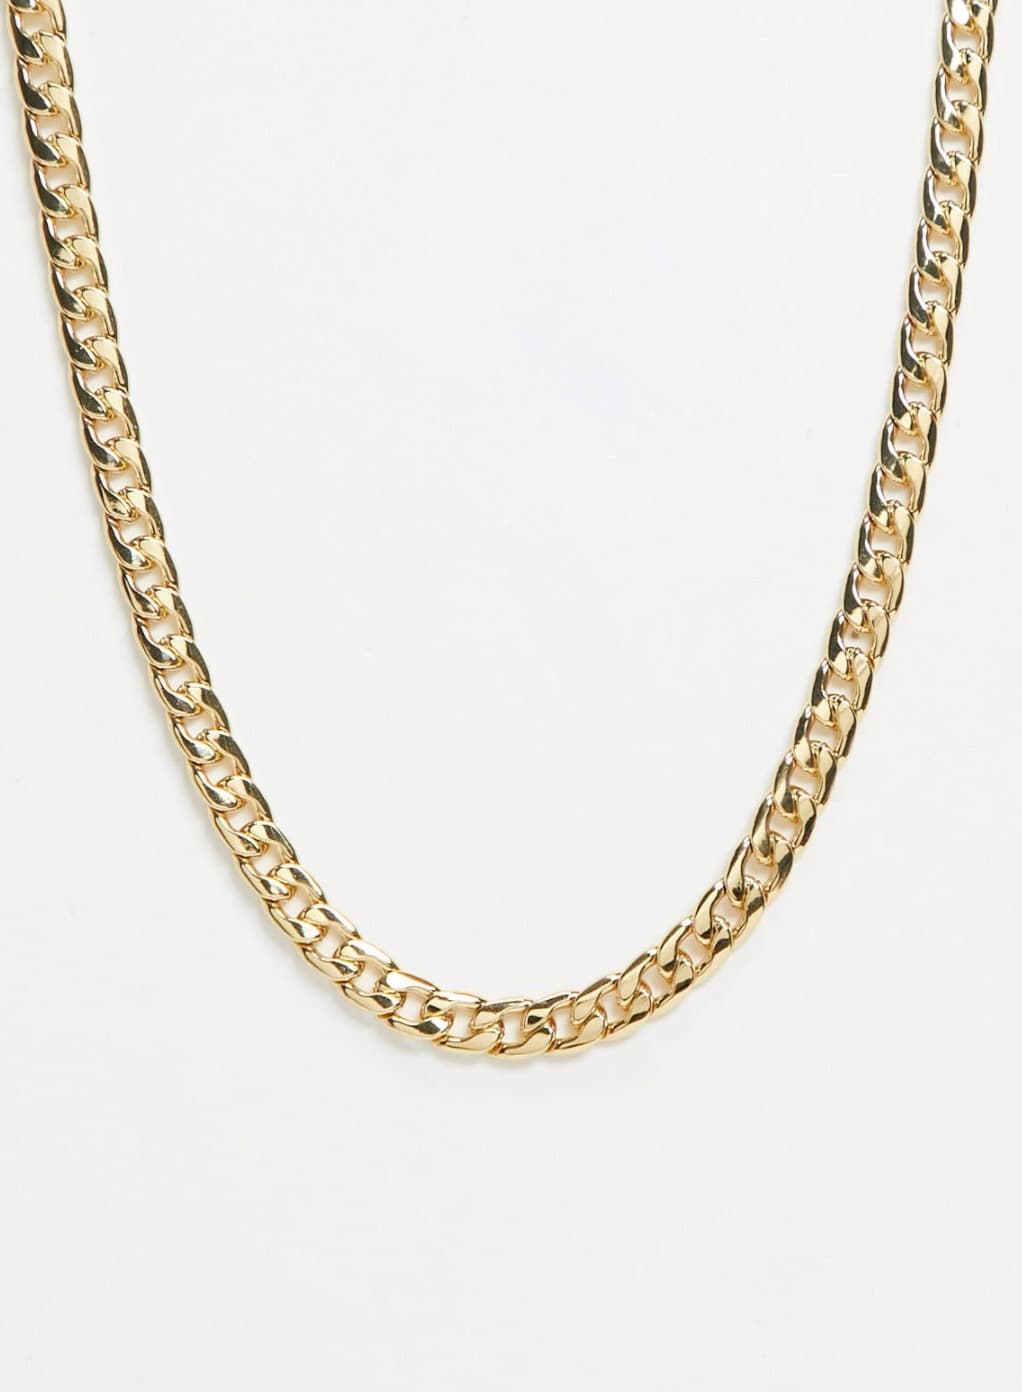 Collar de cadena barbada de 10 mm chapada en oro de 14 quilates de ASOS DESIGN Curve